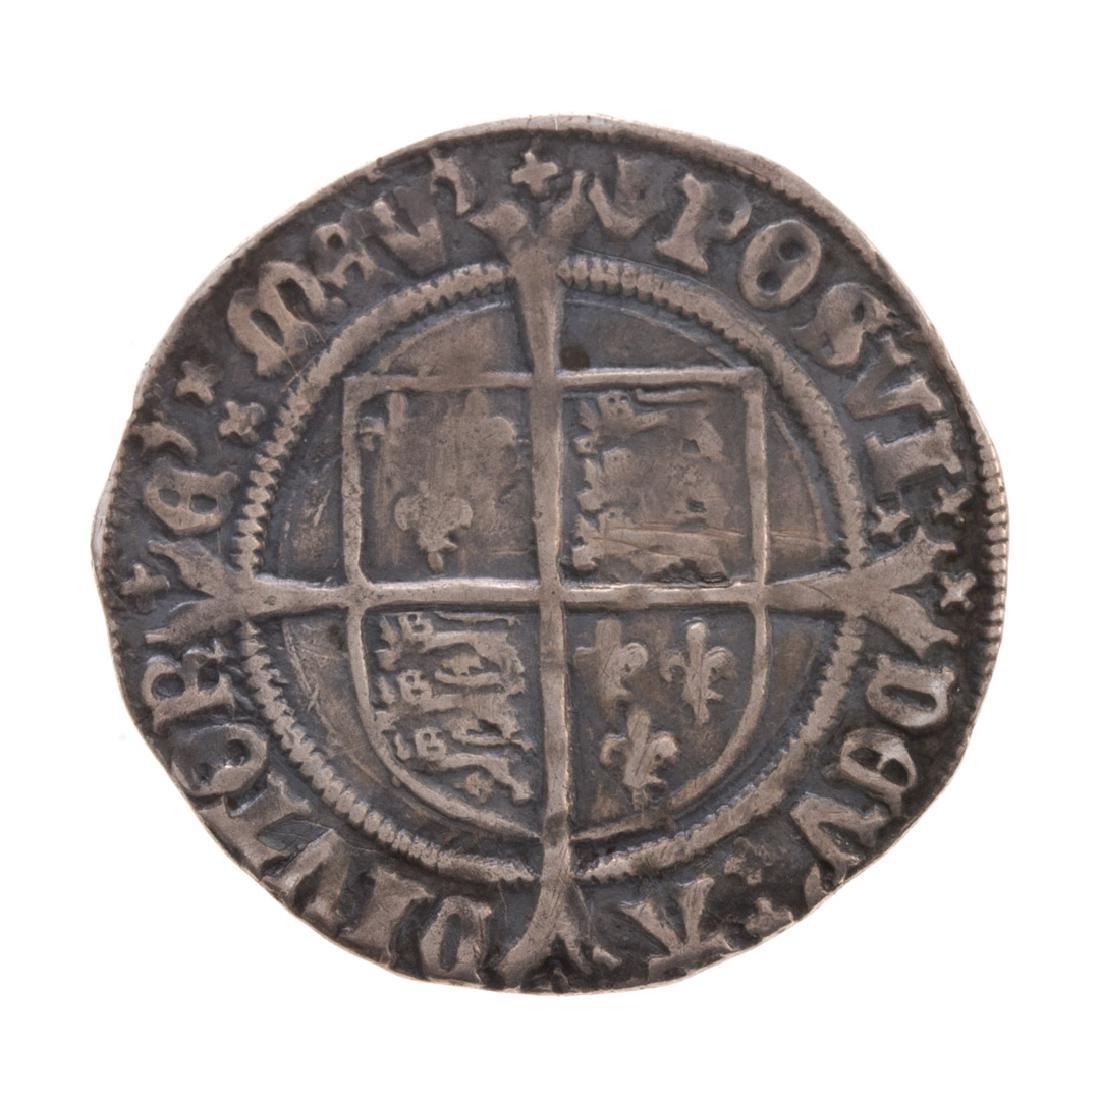 [World] Henry VIII Silver Groat, 1529-1532 - 2